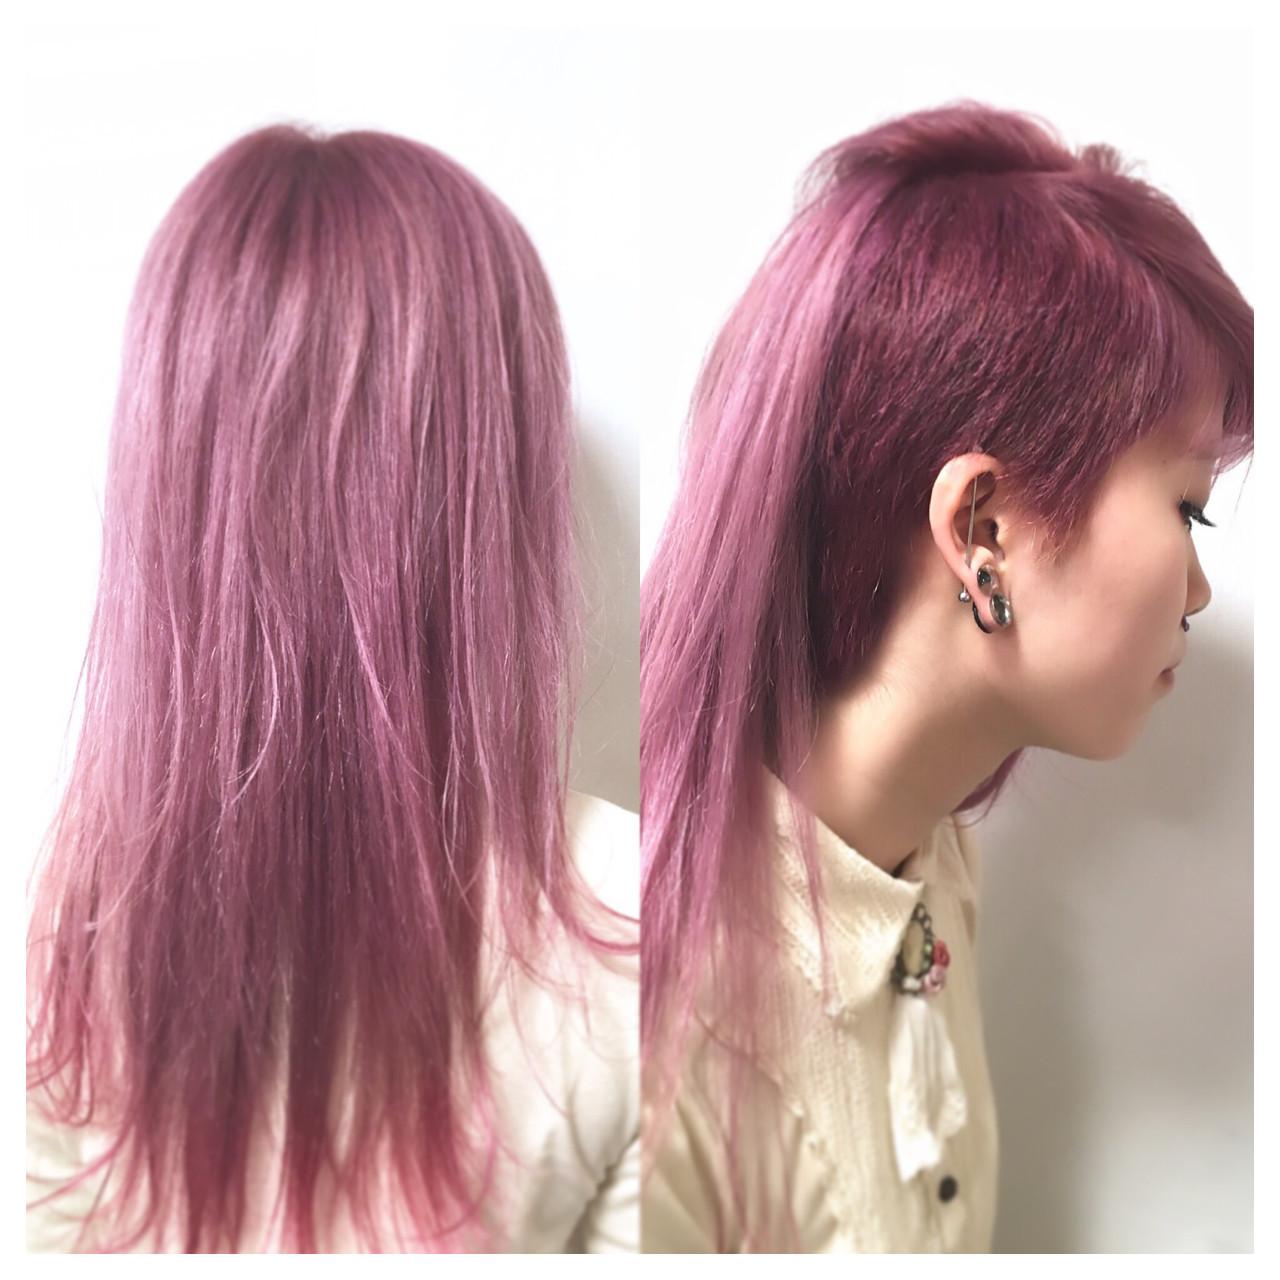 ぶれないオシャレを楽しみたい!ハイセンスな派手髪カタログ。 Daichi shimazu / Spica